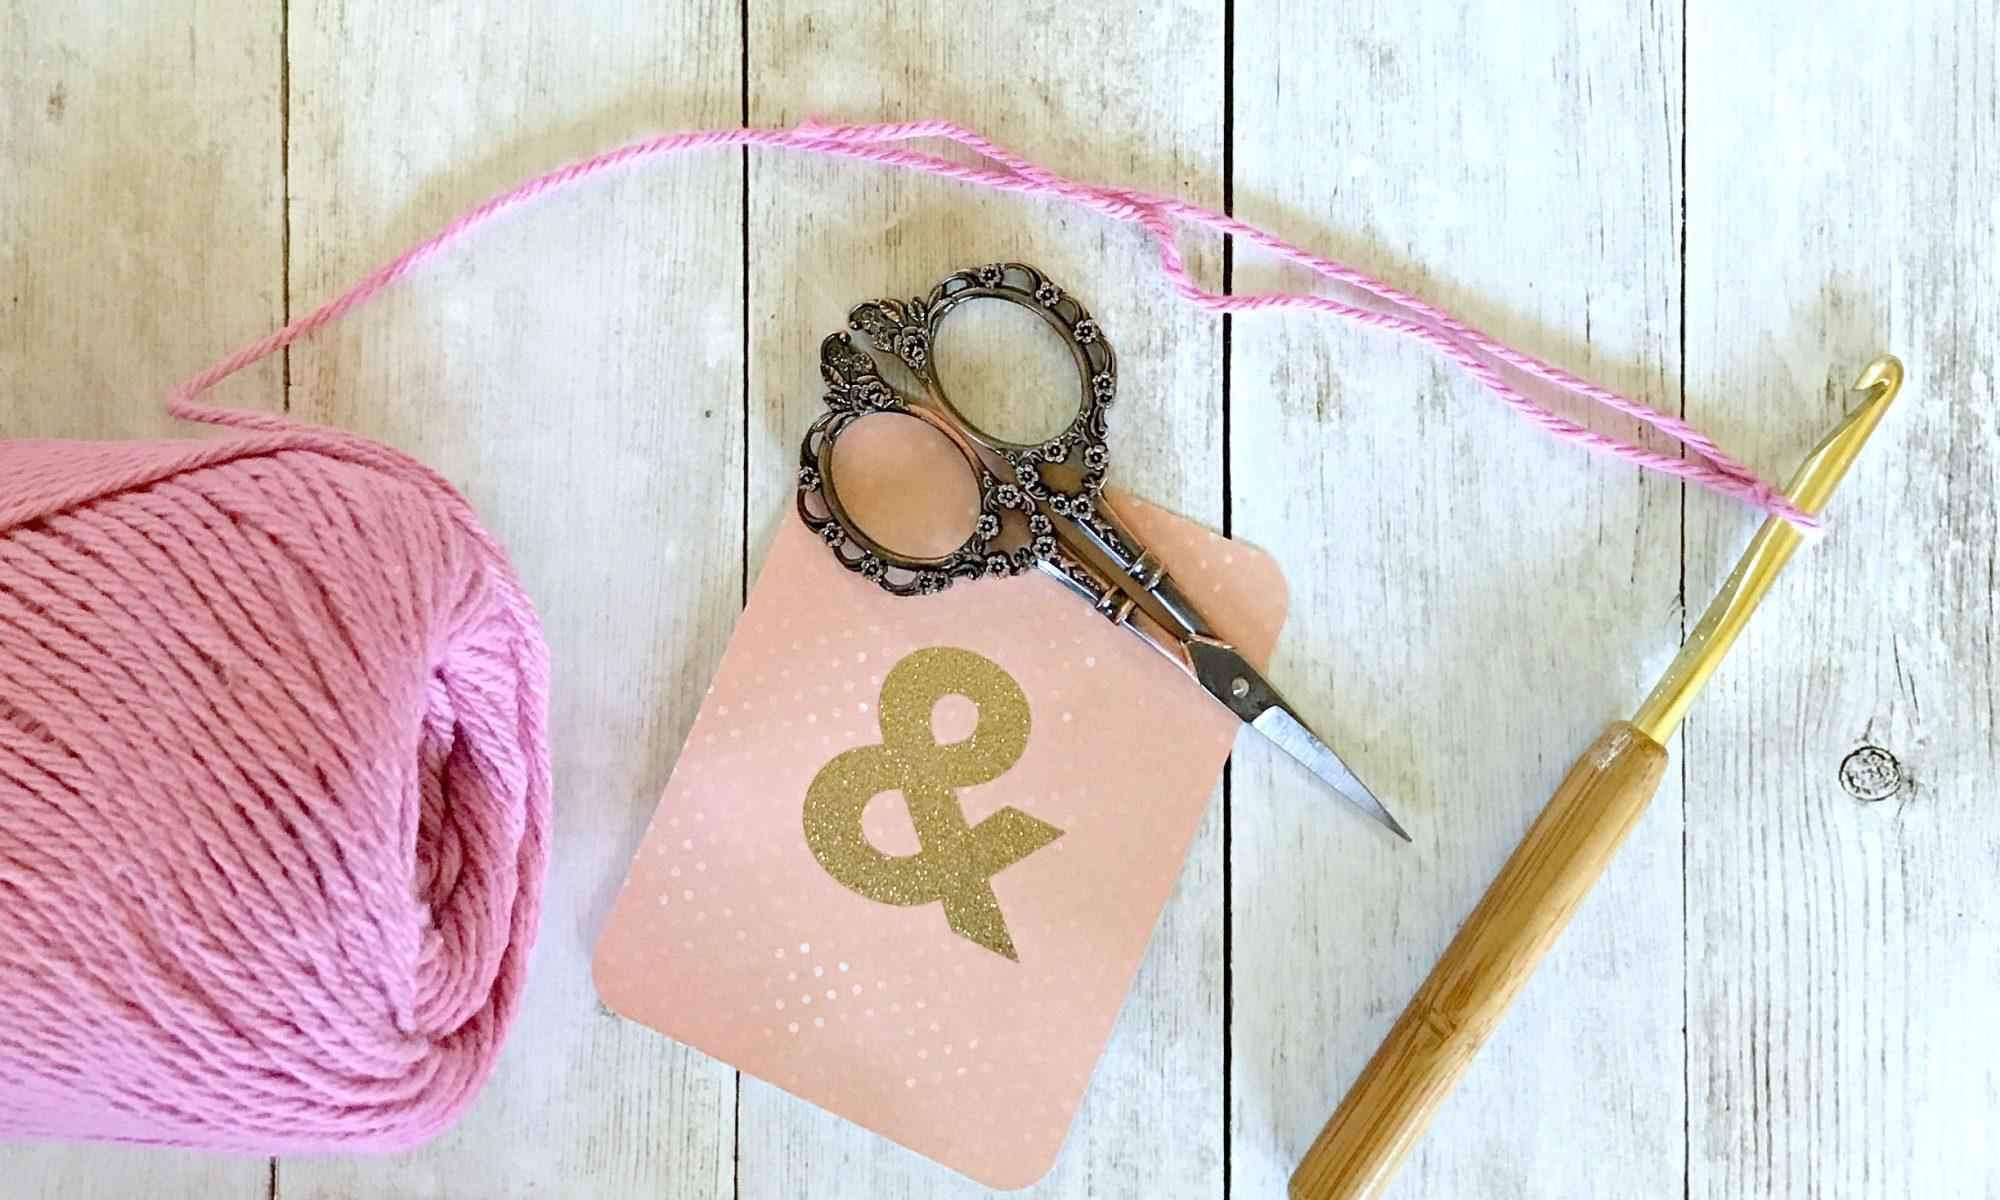 yarn scissors crochet hook